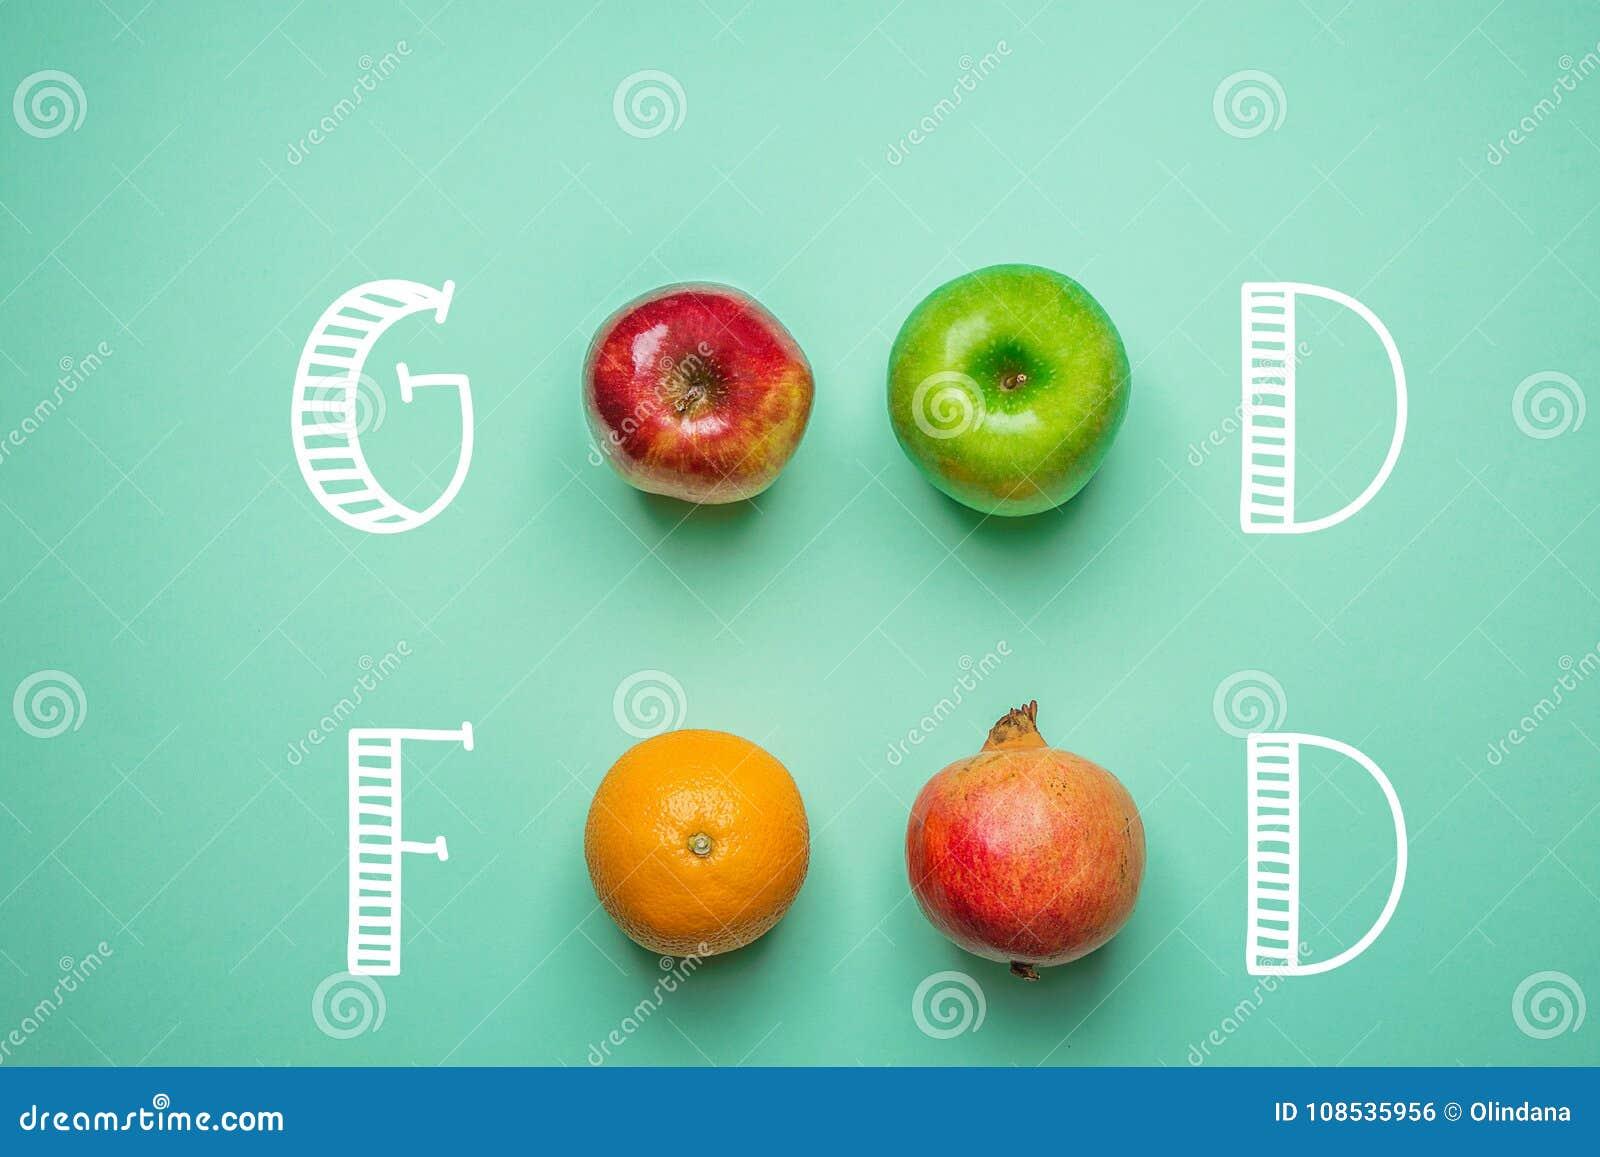 Mano che segna buon alimento con lettere sul fondo del turchese con il melograno rosso verde arancio delle mele di frutti Vegano